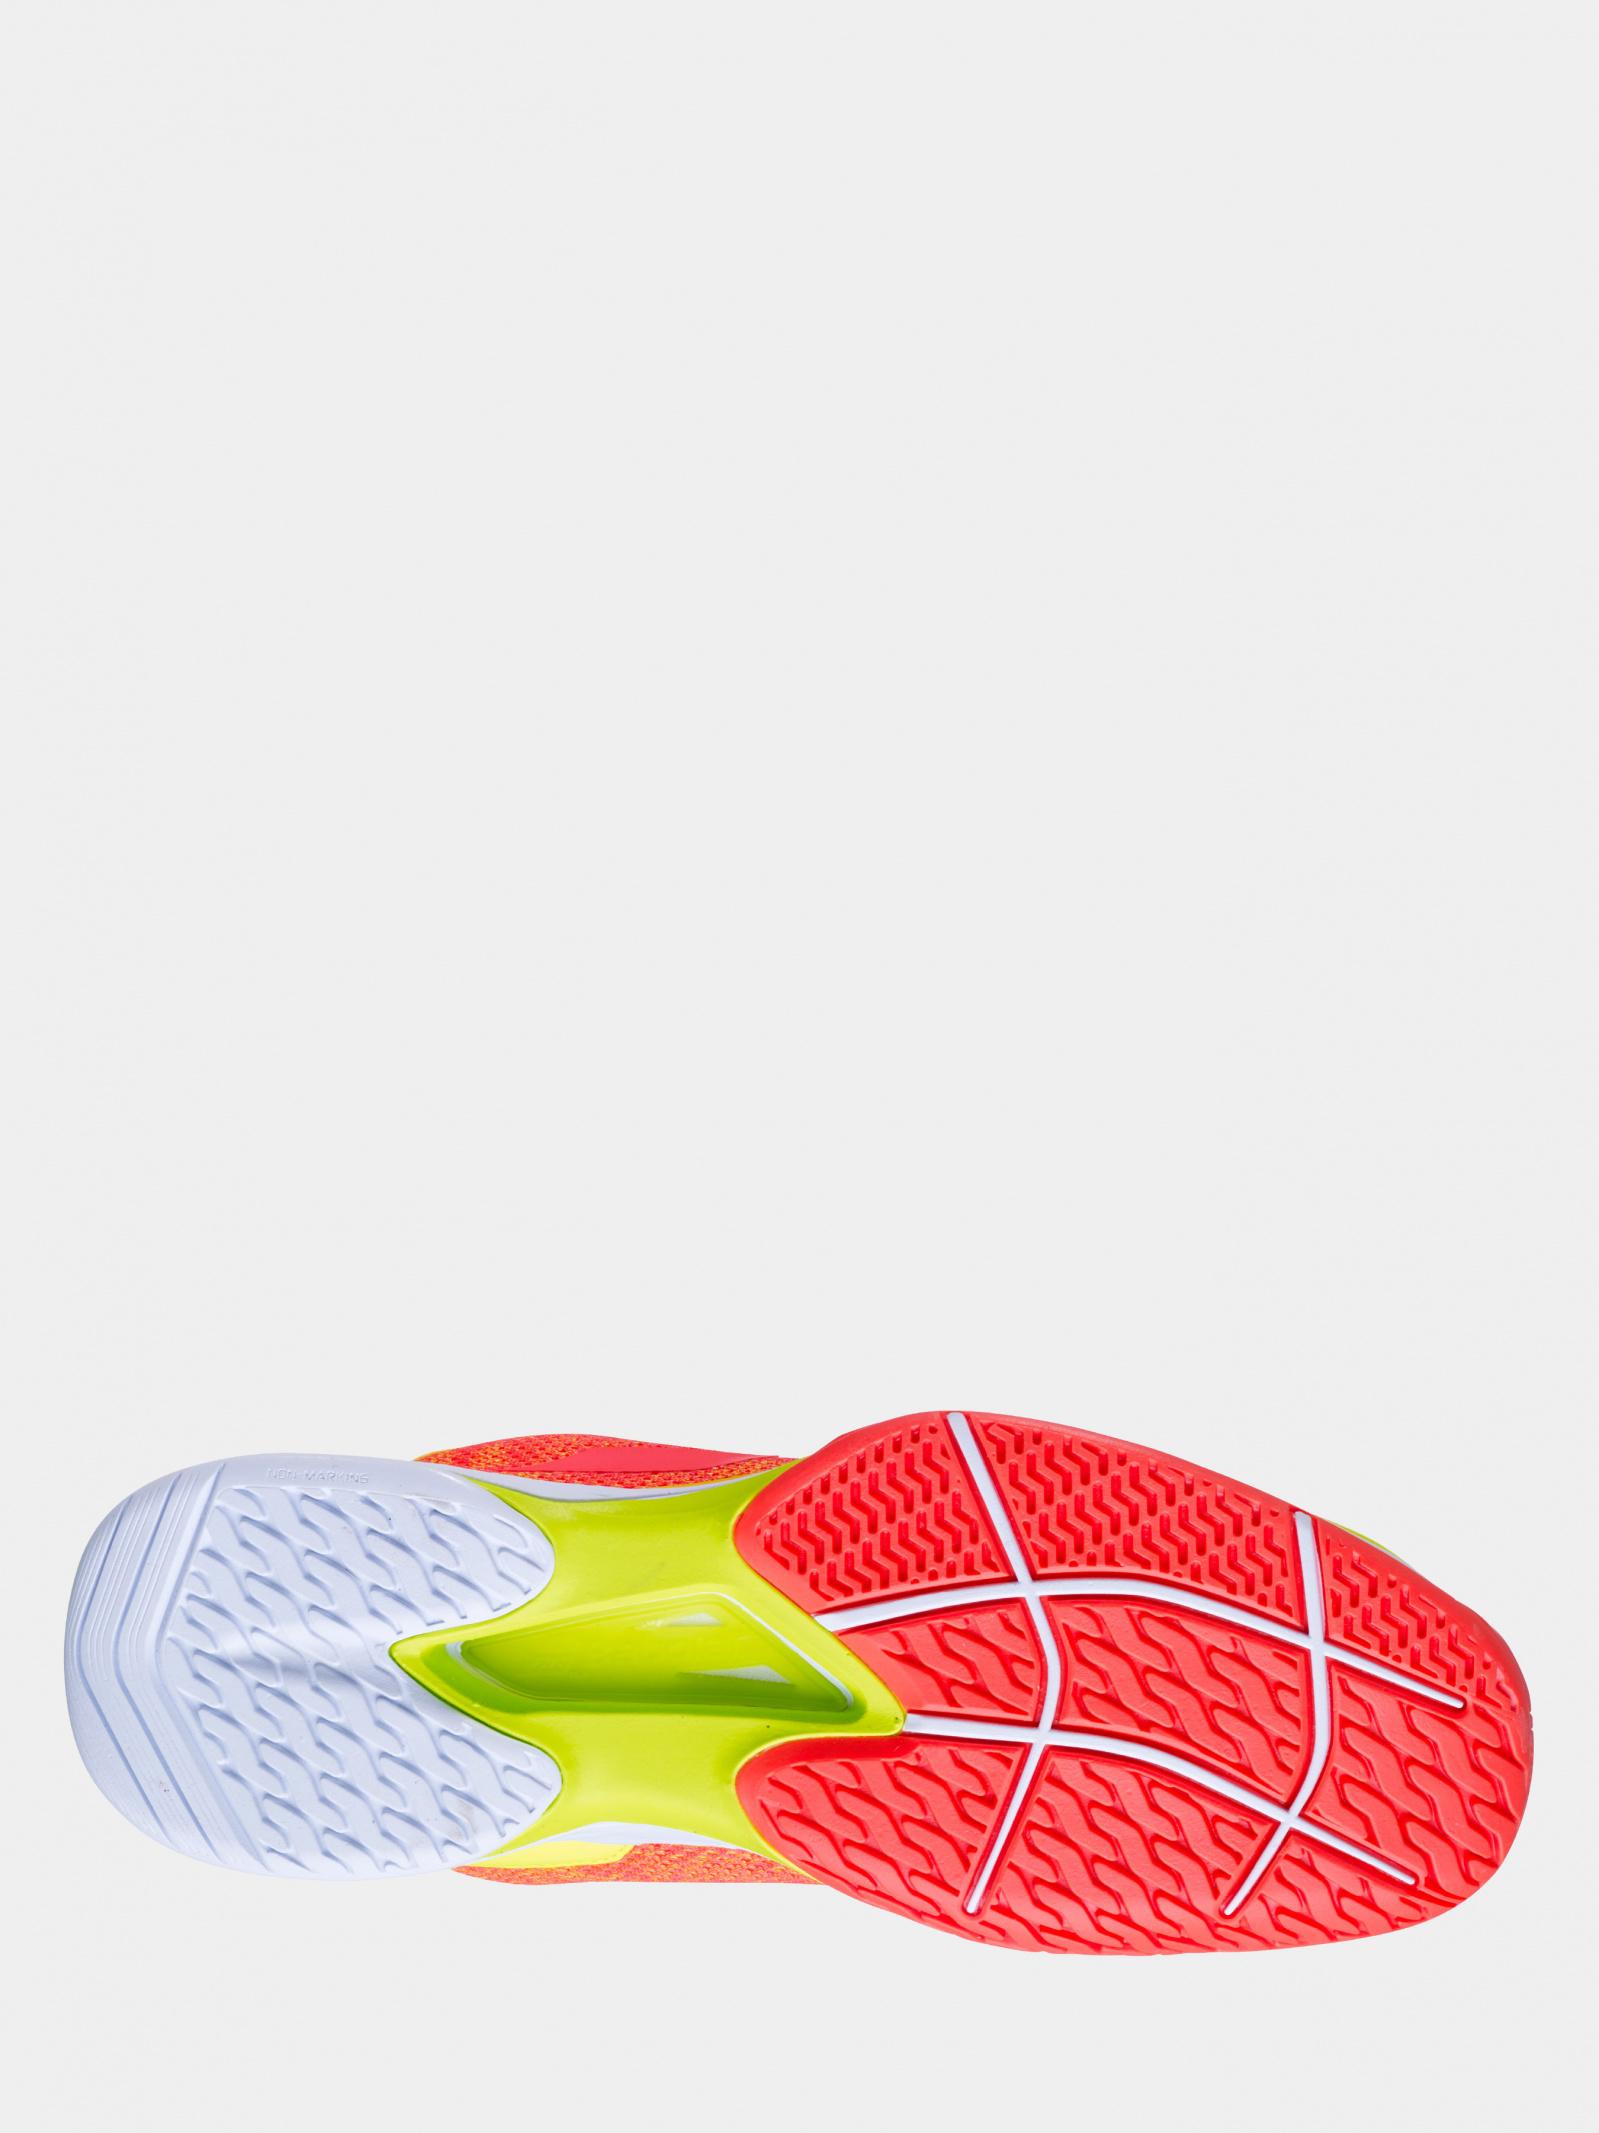 Кроссовки теннисные для мужчин JET TERE ALL COURT MEN 30S20649_6011 купить в Украине, 2017